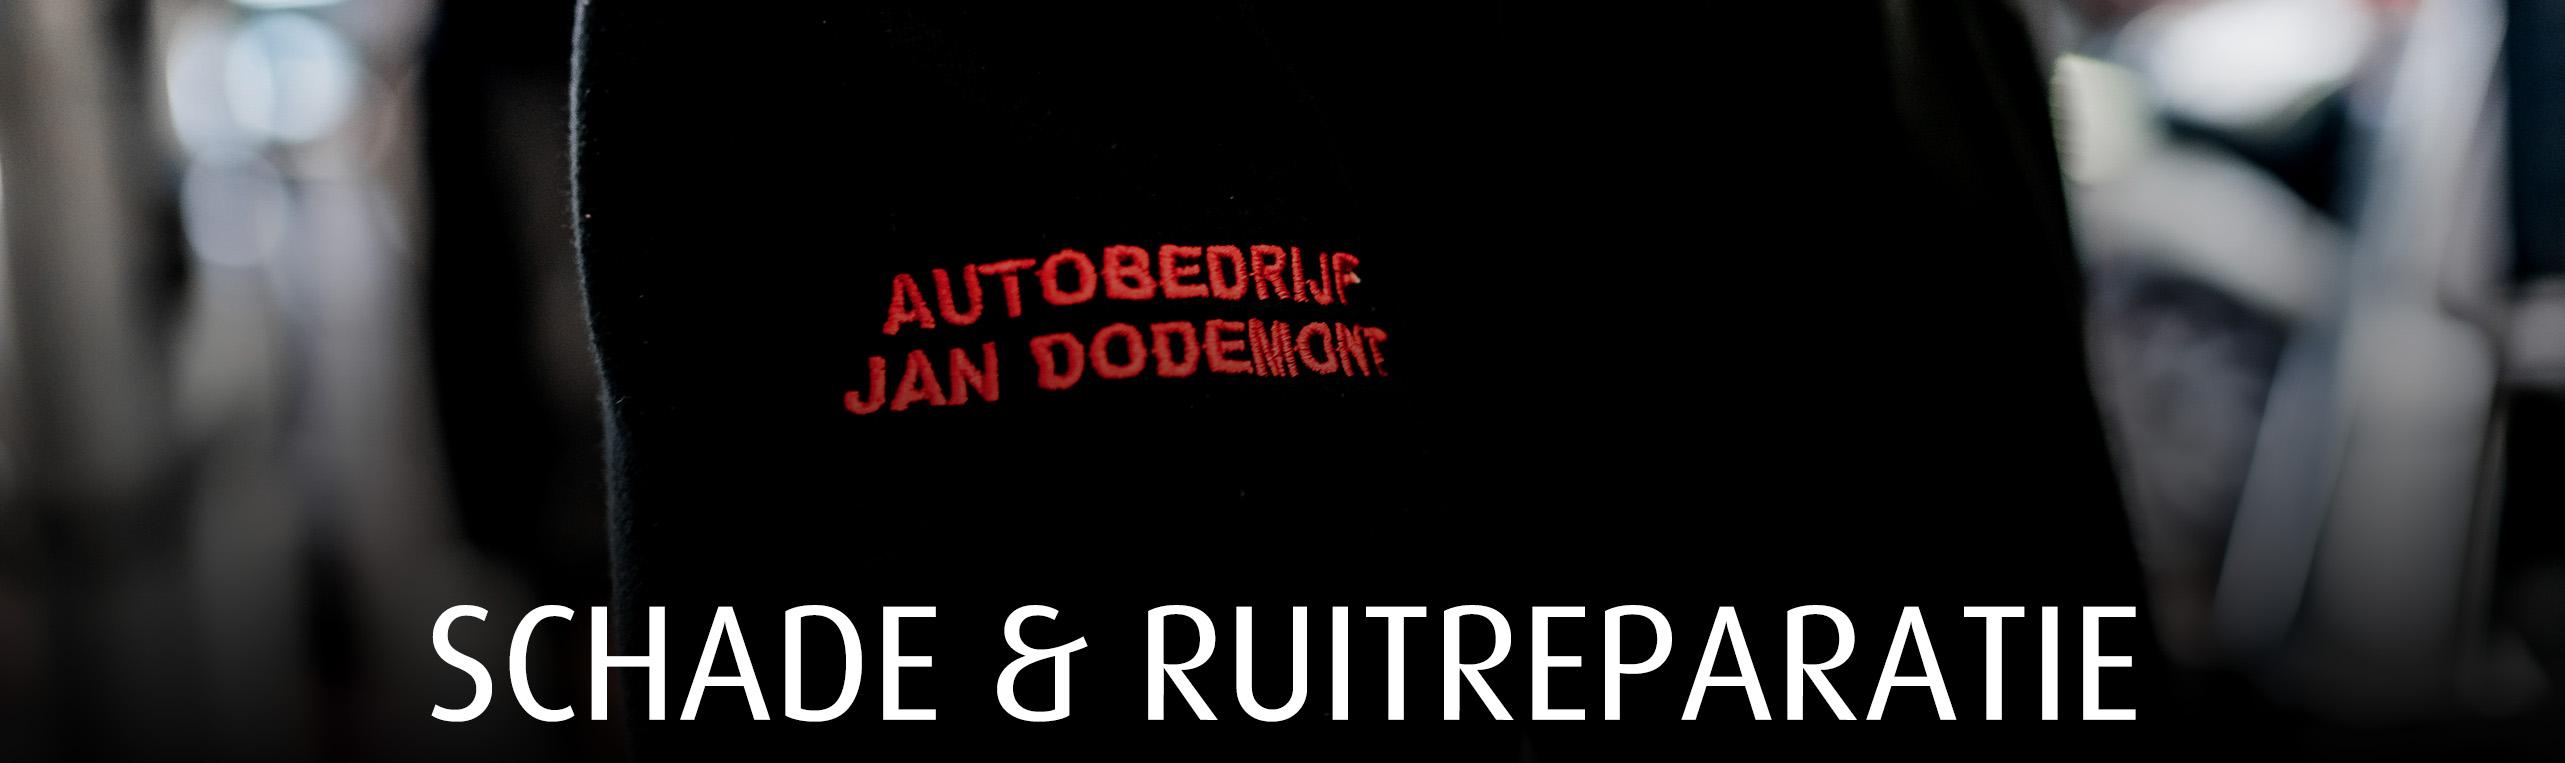 Schade- en ruitreparatie autobedrijf Jan Dodemont garage in Eijsden